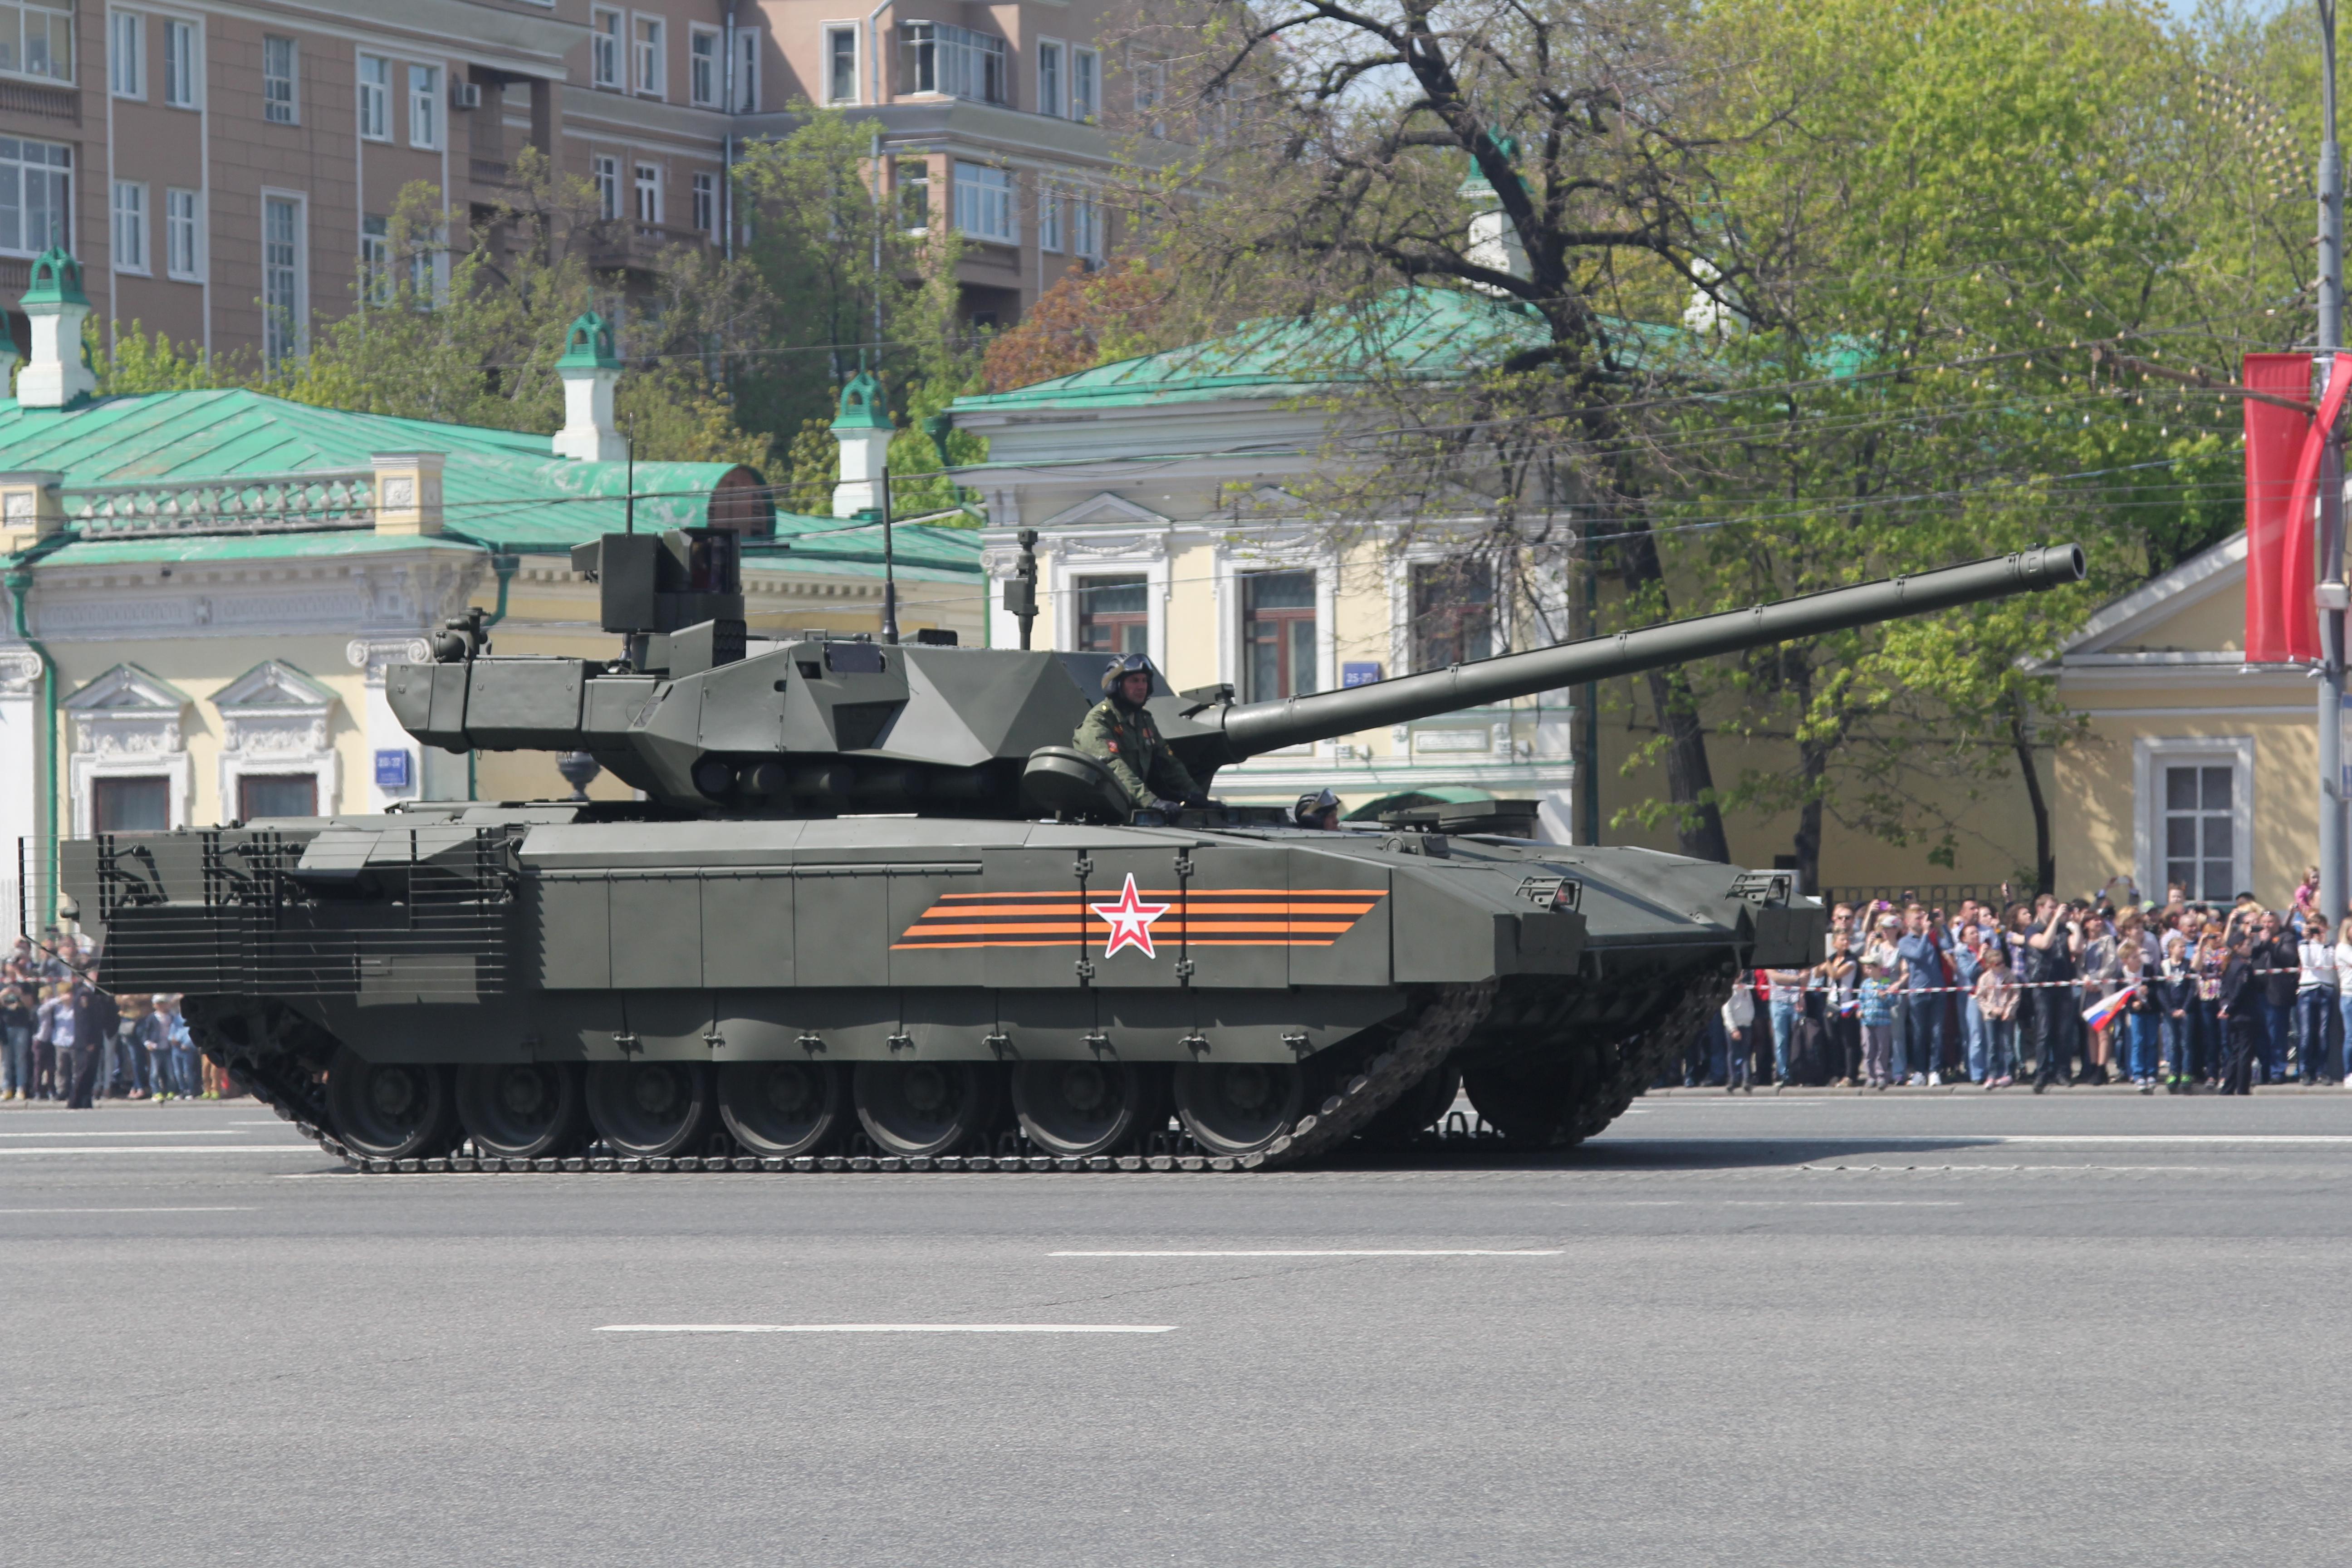 В настоящее время созданы две версии такой машина на базе танка Т-72 – Терминатор-1 и Терминато